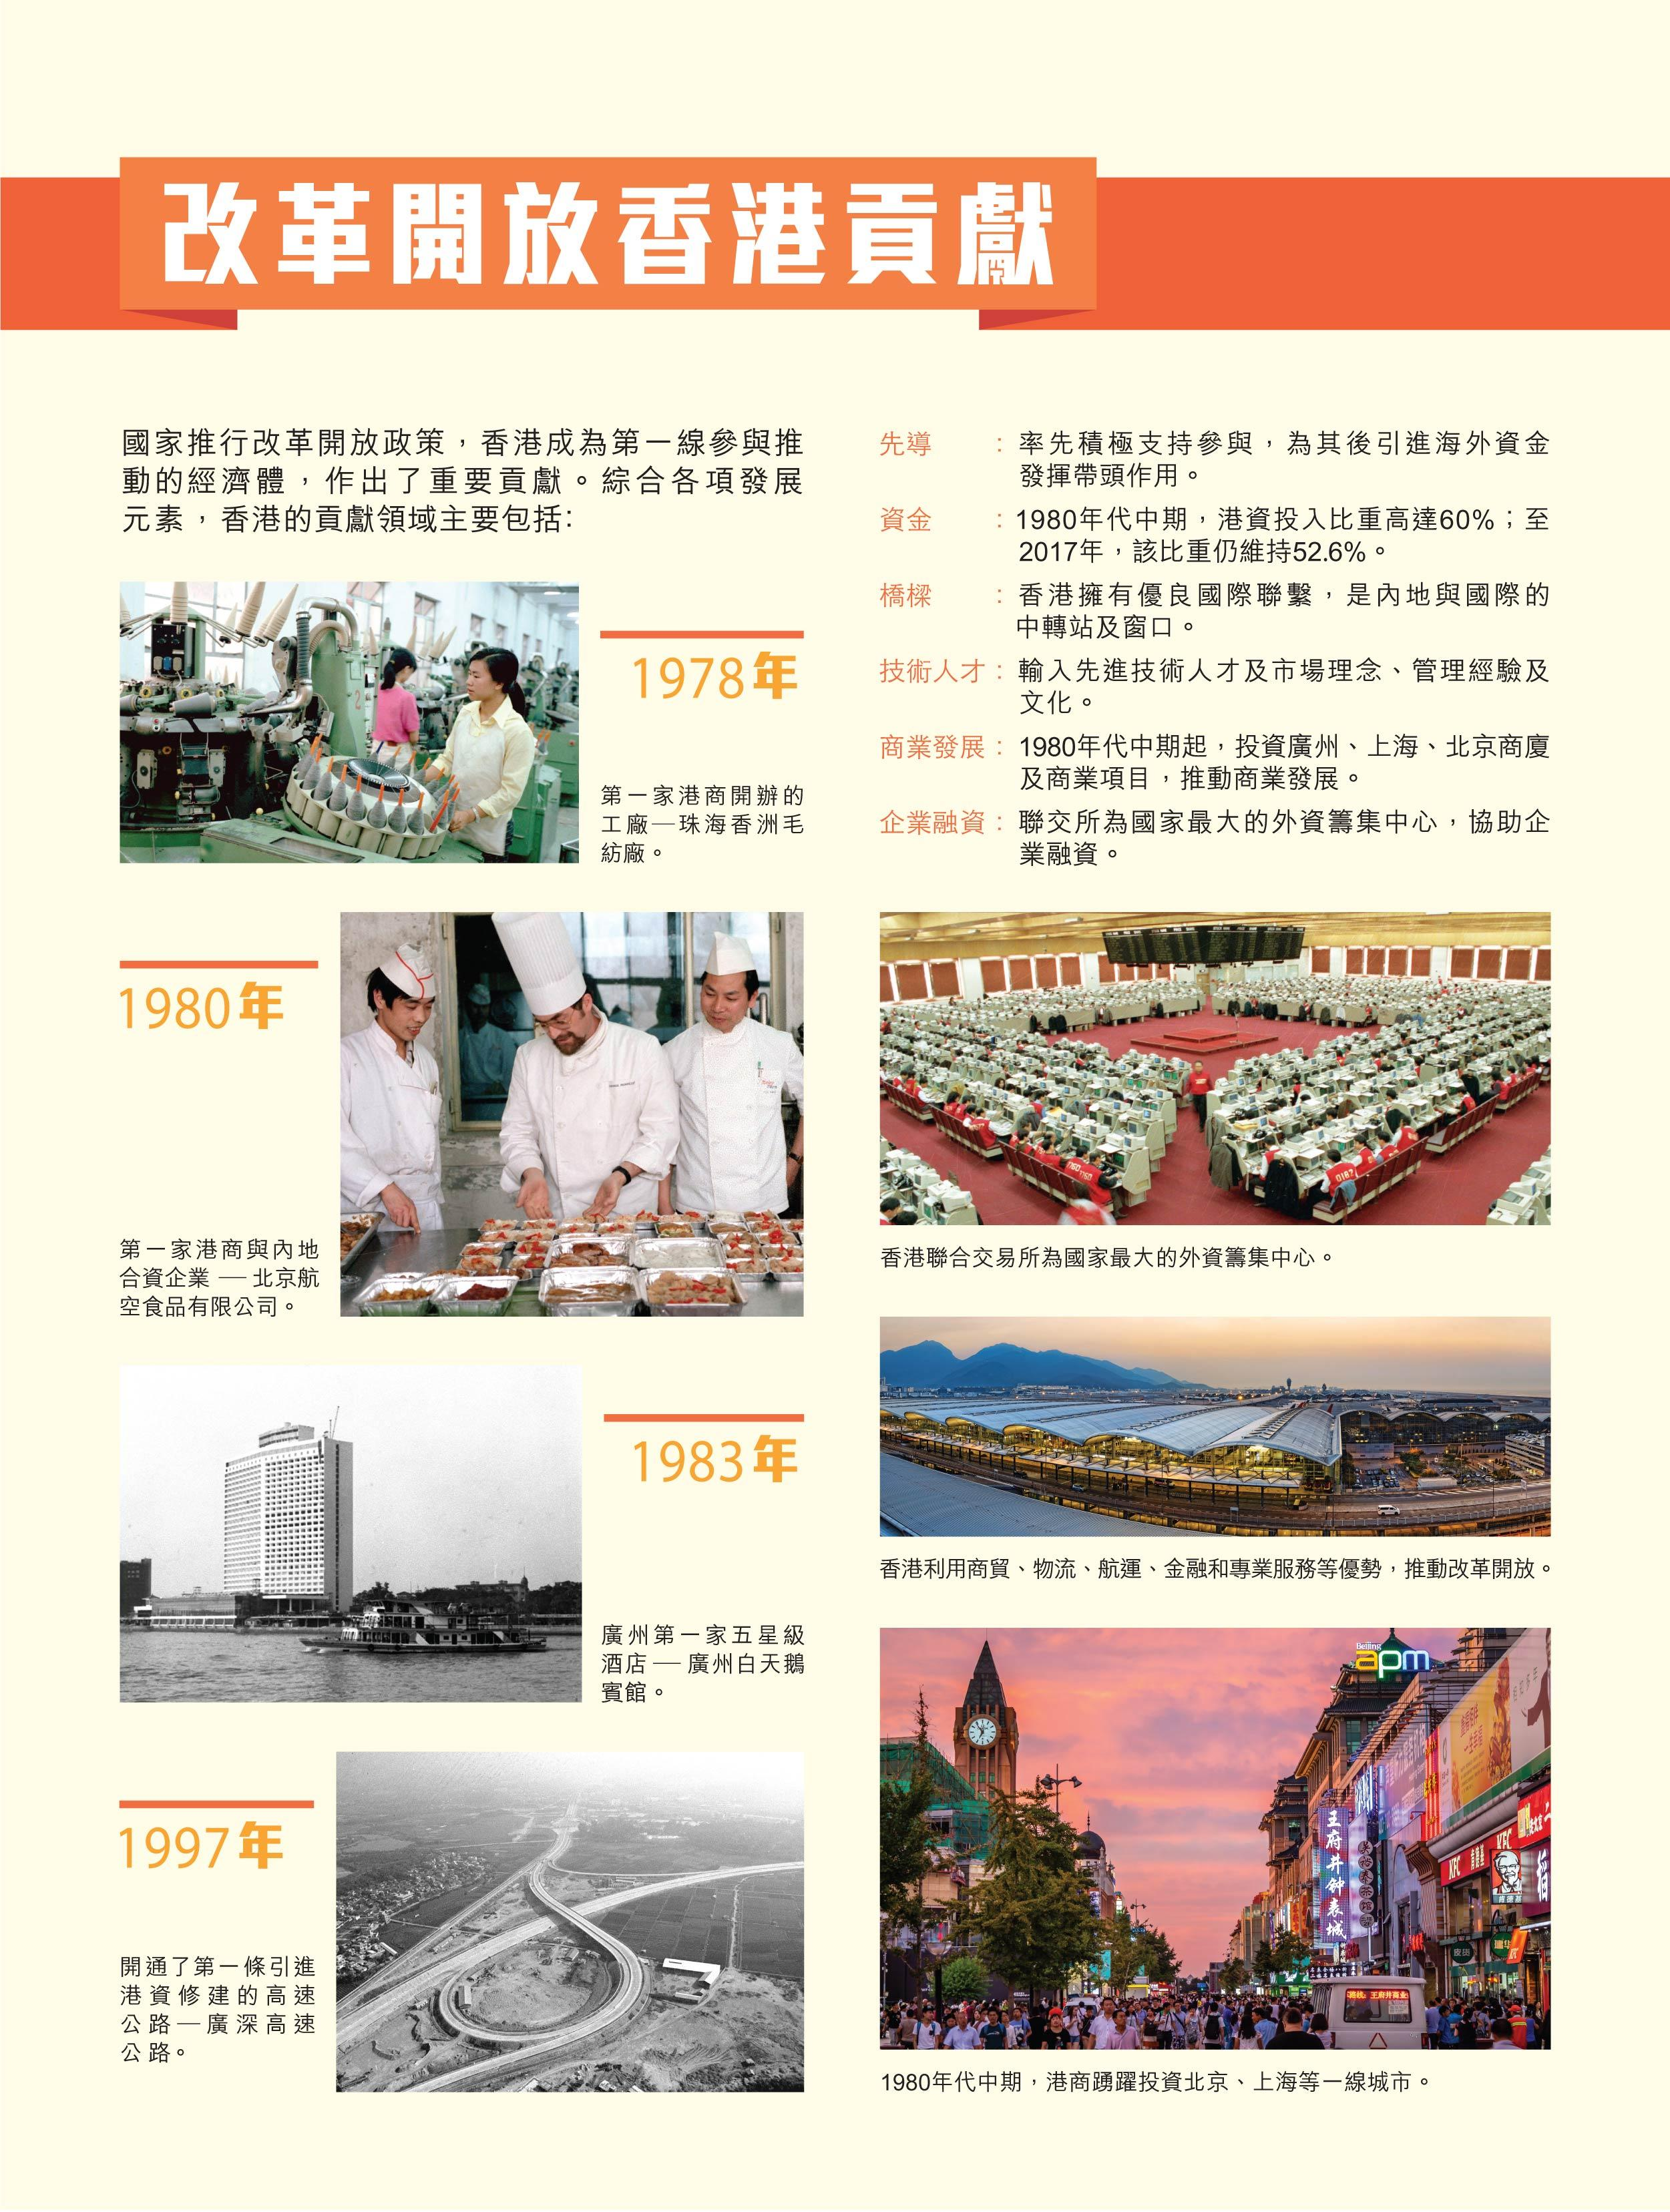 gaige_xiangganggongxian_panel_p1_aw_oct29_websize-gaigekaifangxiangganggongxian